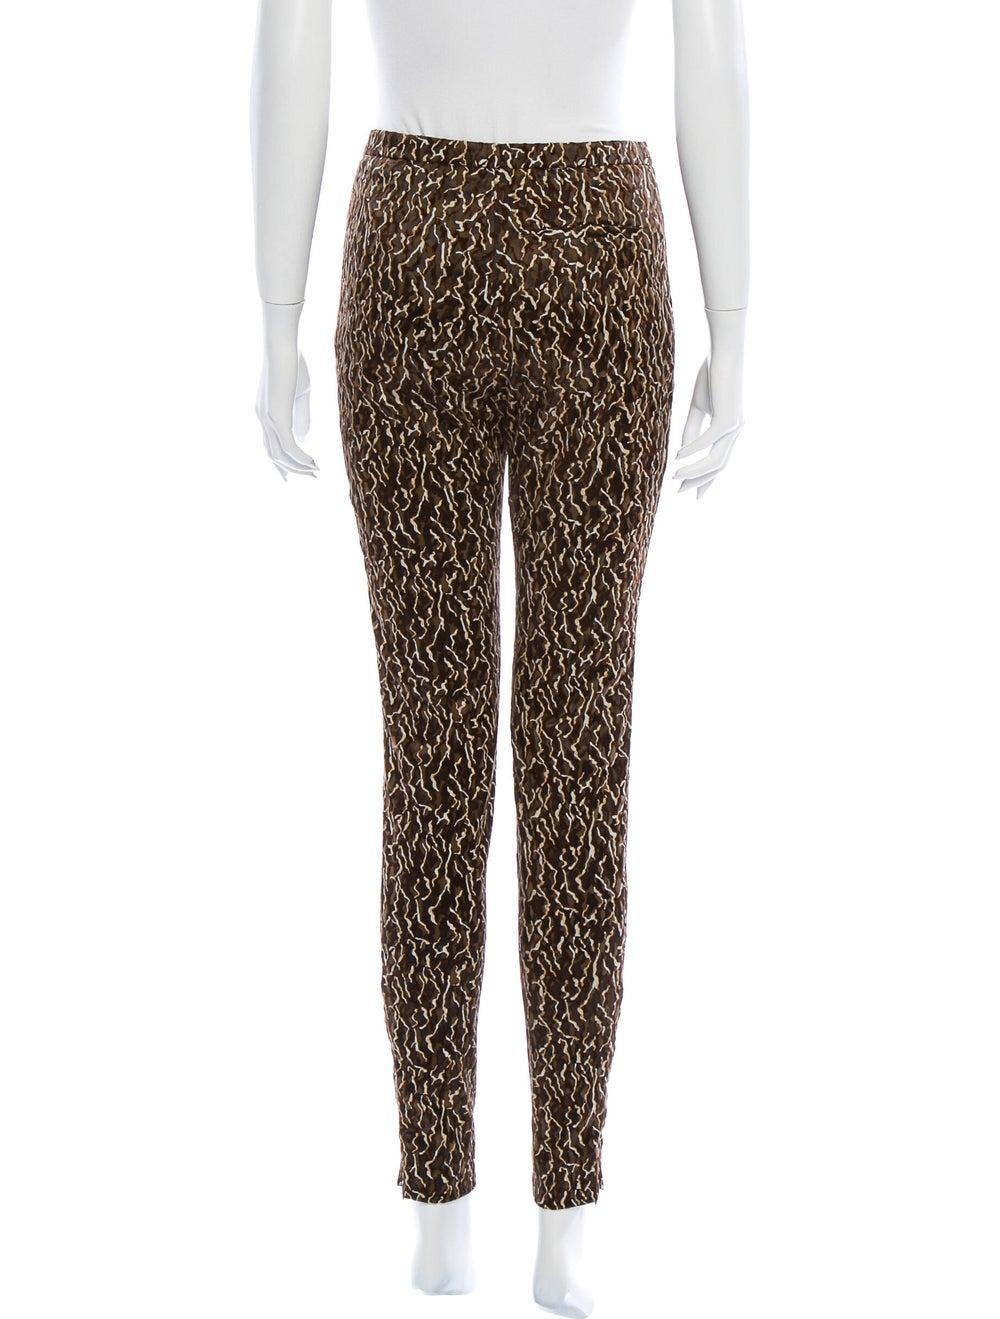 Balenciaga Animal Print Skinny Leg Pants Brown - image 3